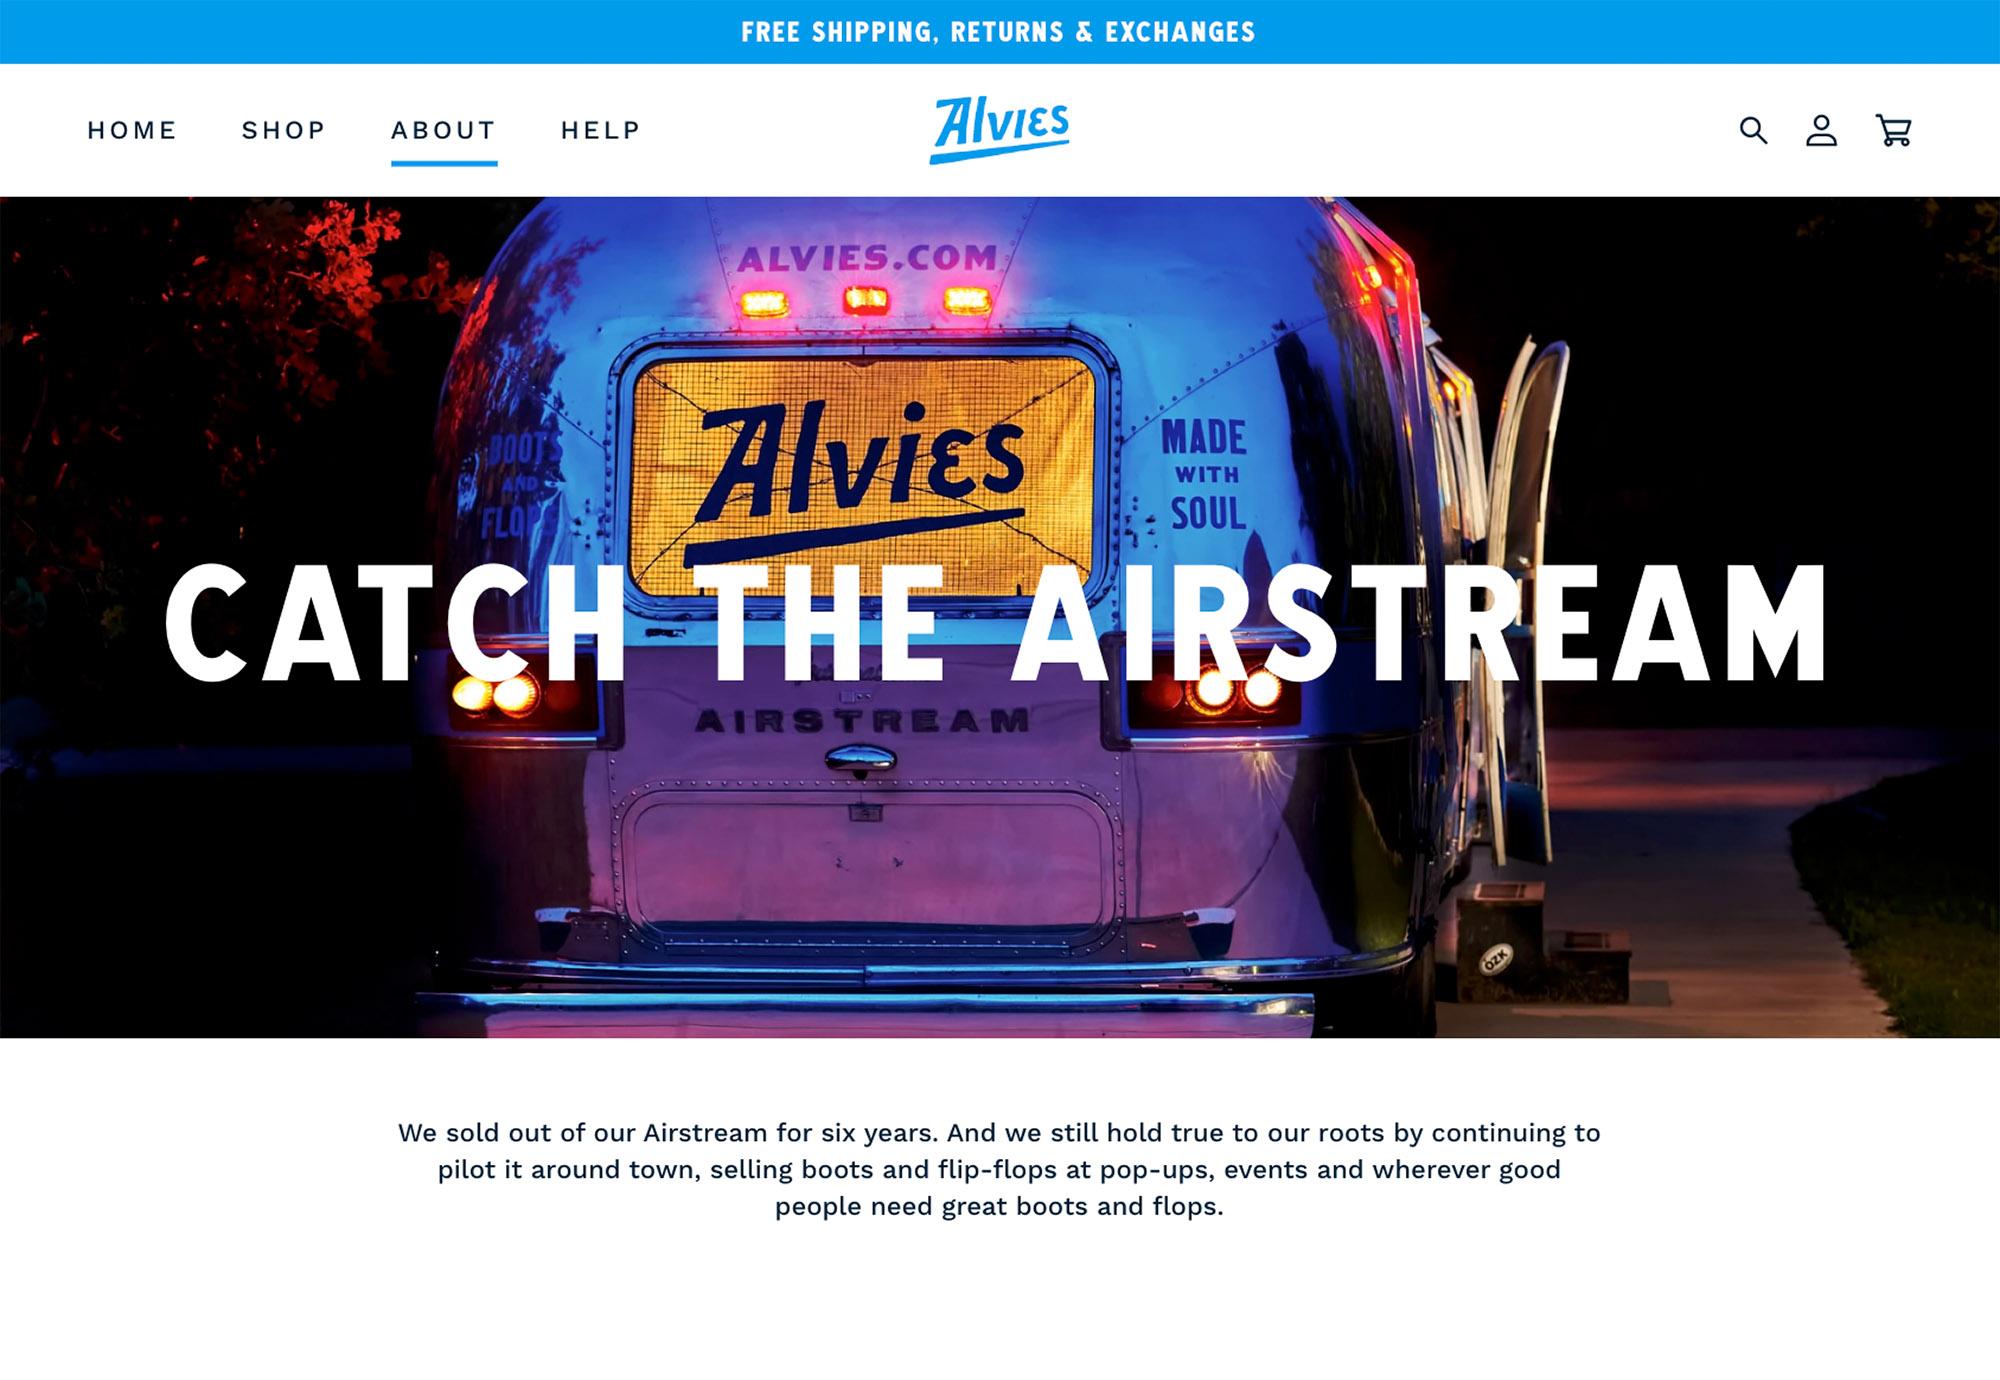 Alvies Airstream